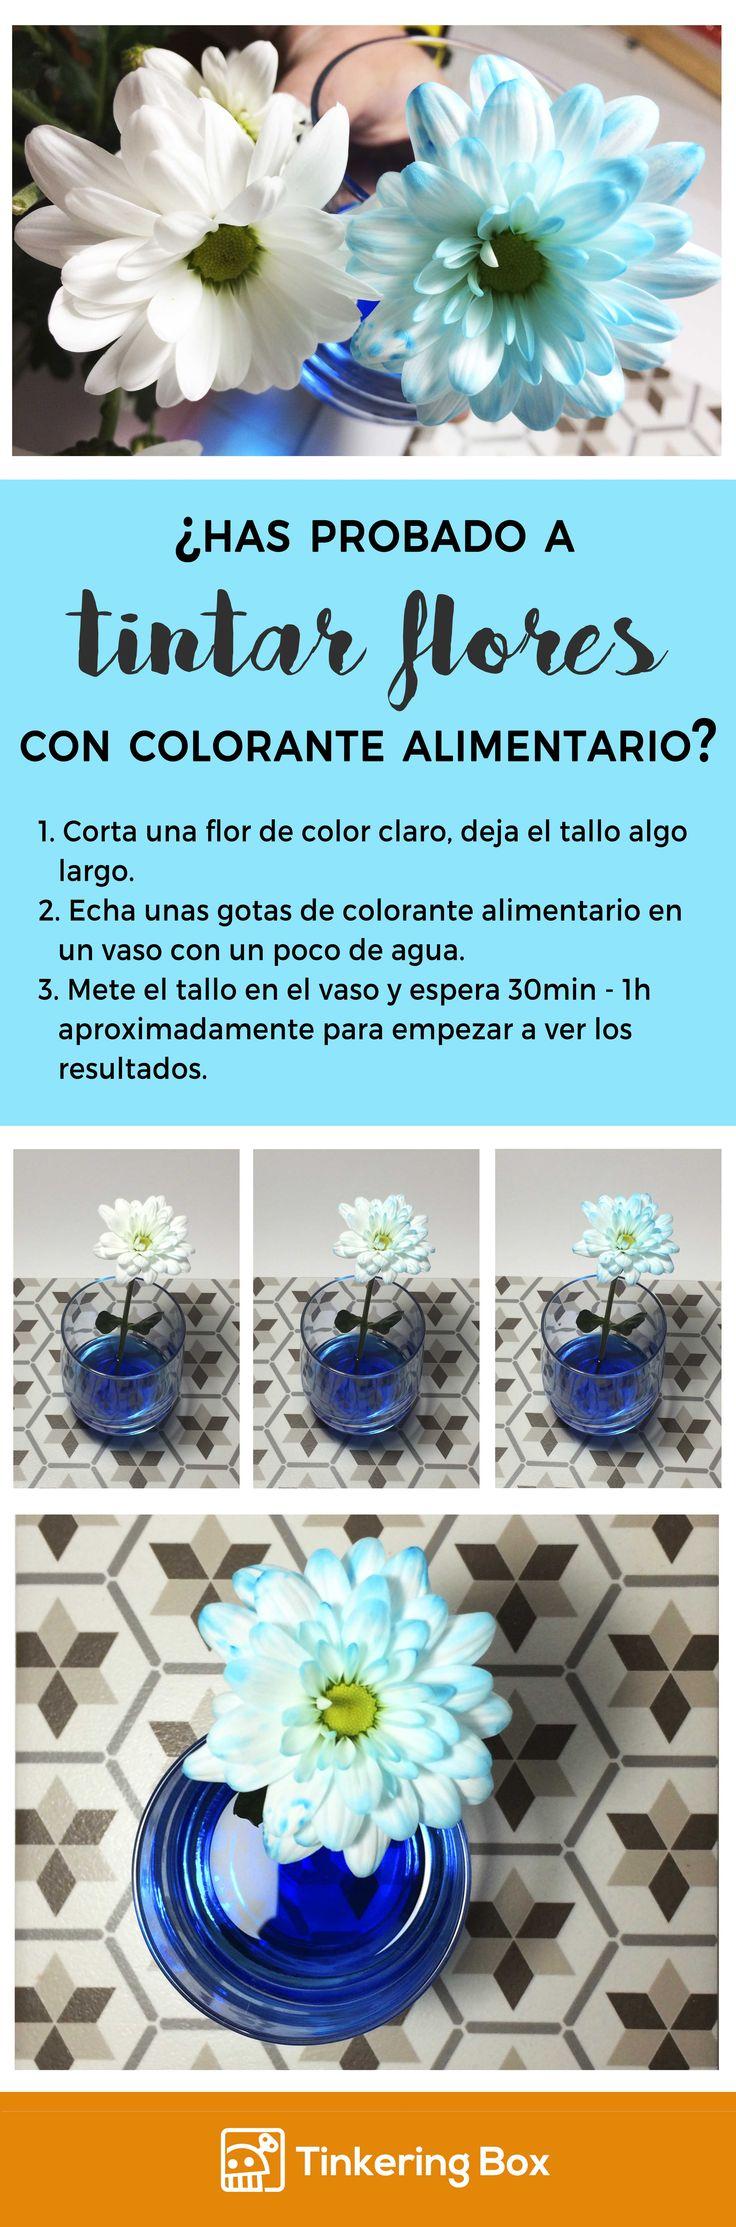 Usa colorante alimentario de distintos colores para tintar flores. Síguenos y descubre más experimentos y juegos. Más cosas en  https://twitter.com/TinkeringB y https://www.instagram.com/tinkeringbox/